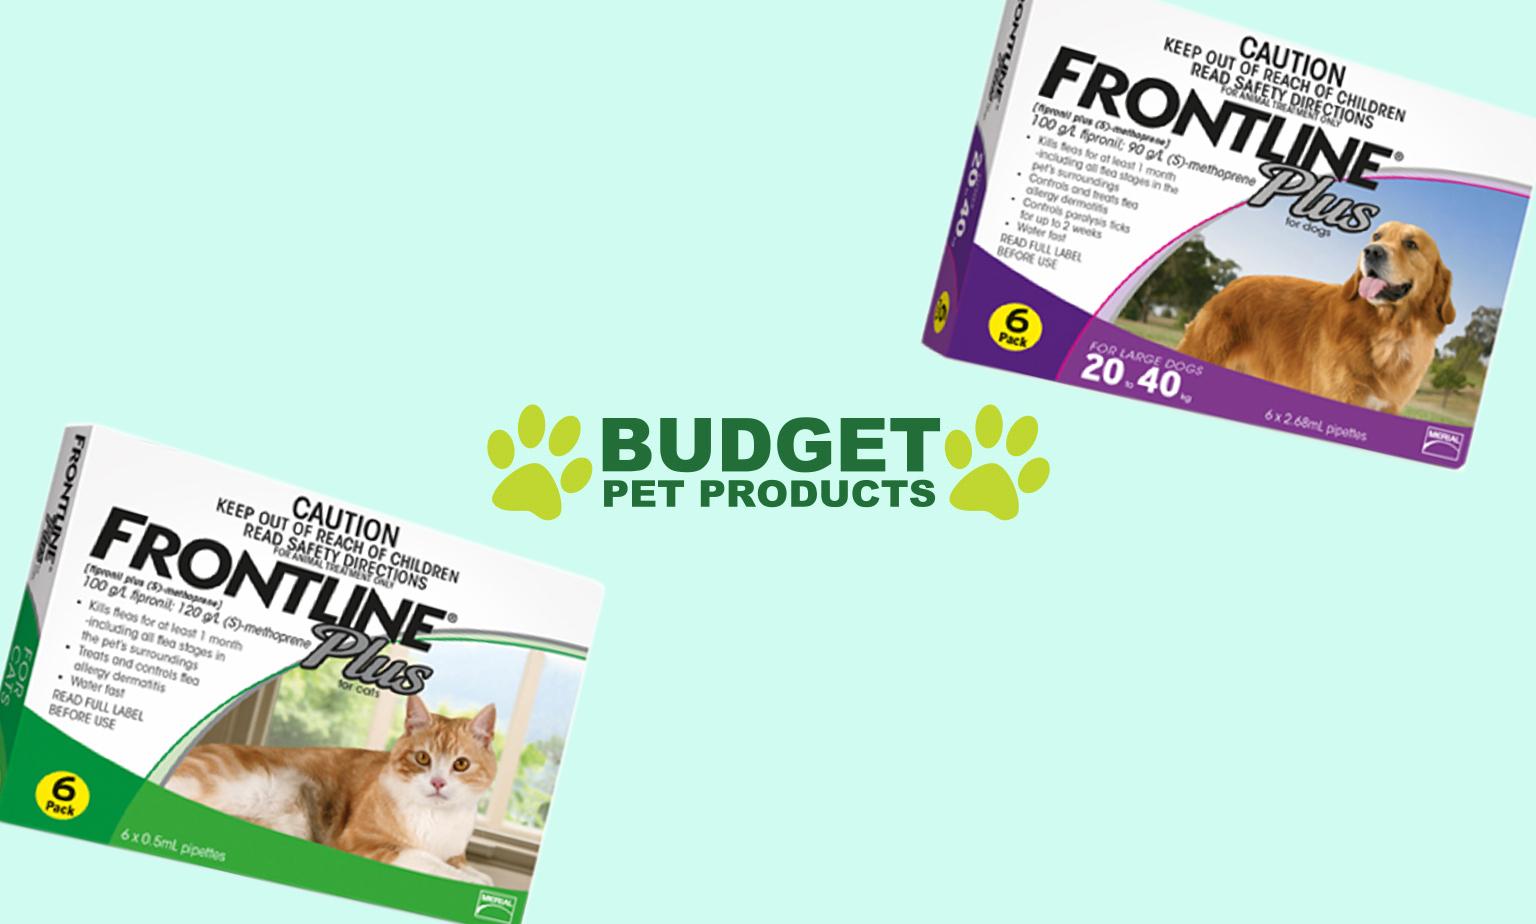 Buy 1 Get 1 Free Frontline Plus